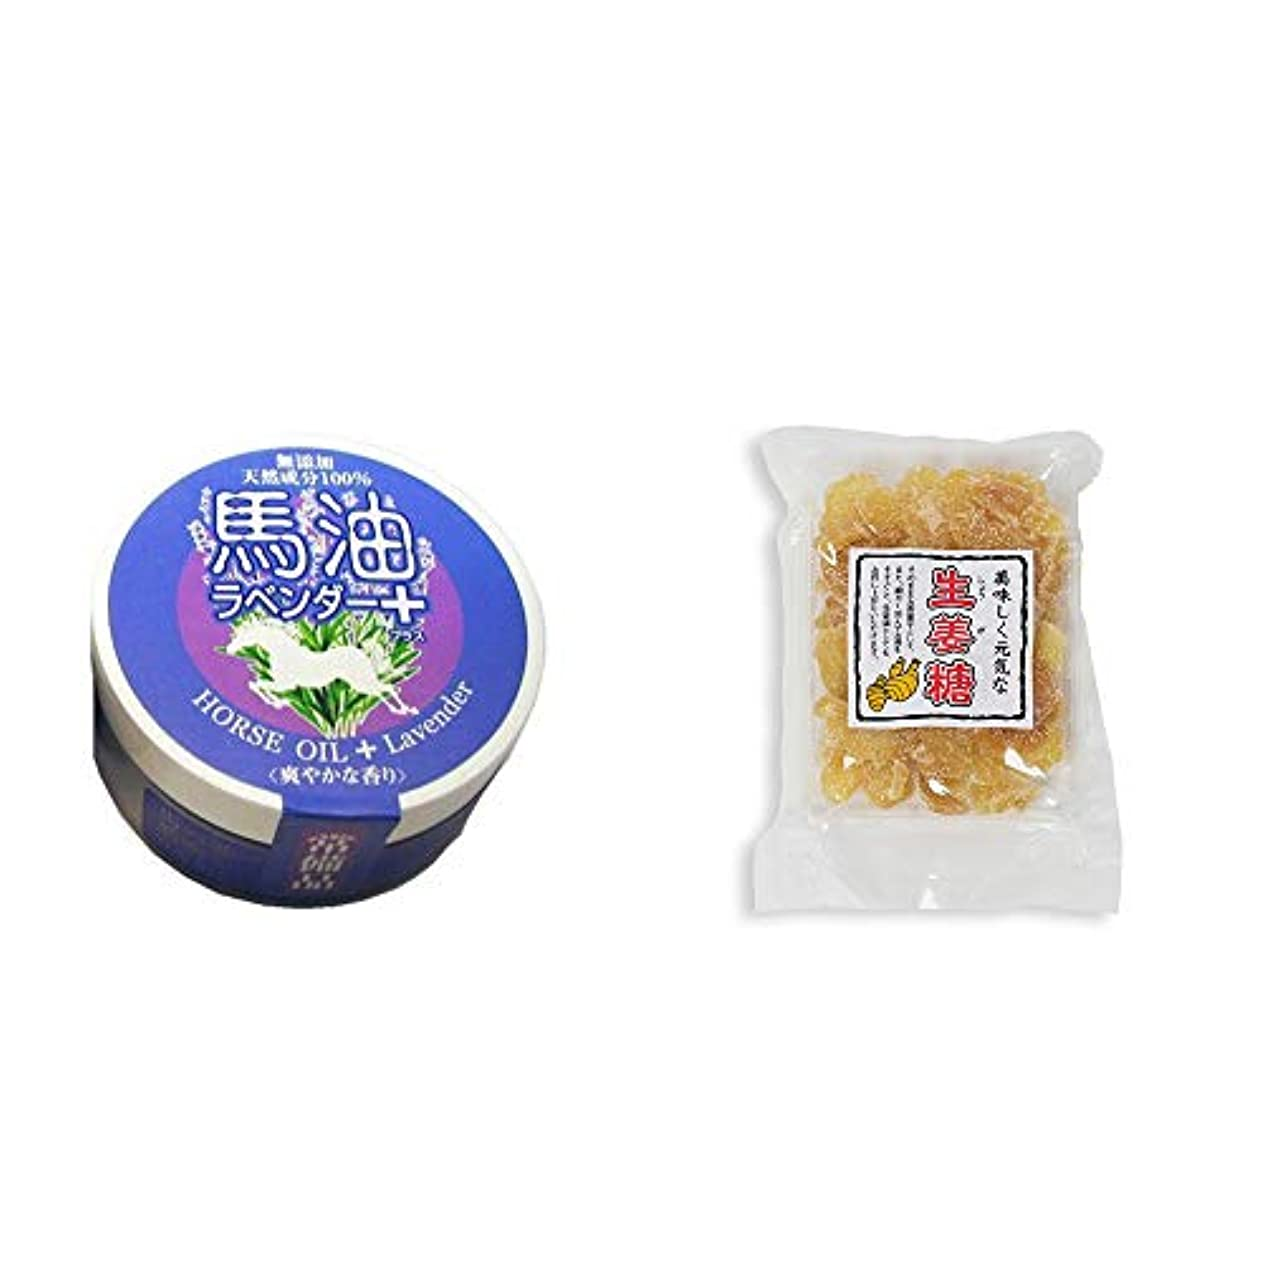 兵隊いわゆる不適当[2点セット] 無添加天然成分100% 馬油[ラベンダー](38g)?生姜糖(230g)